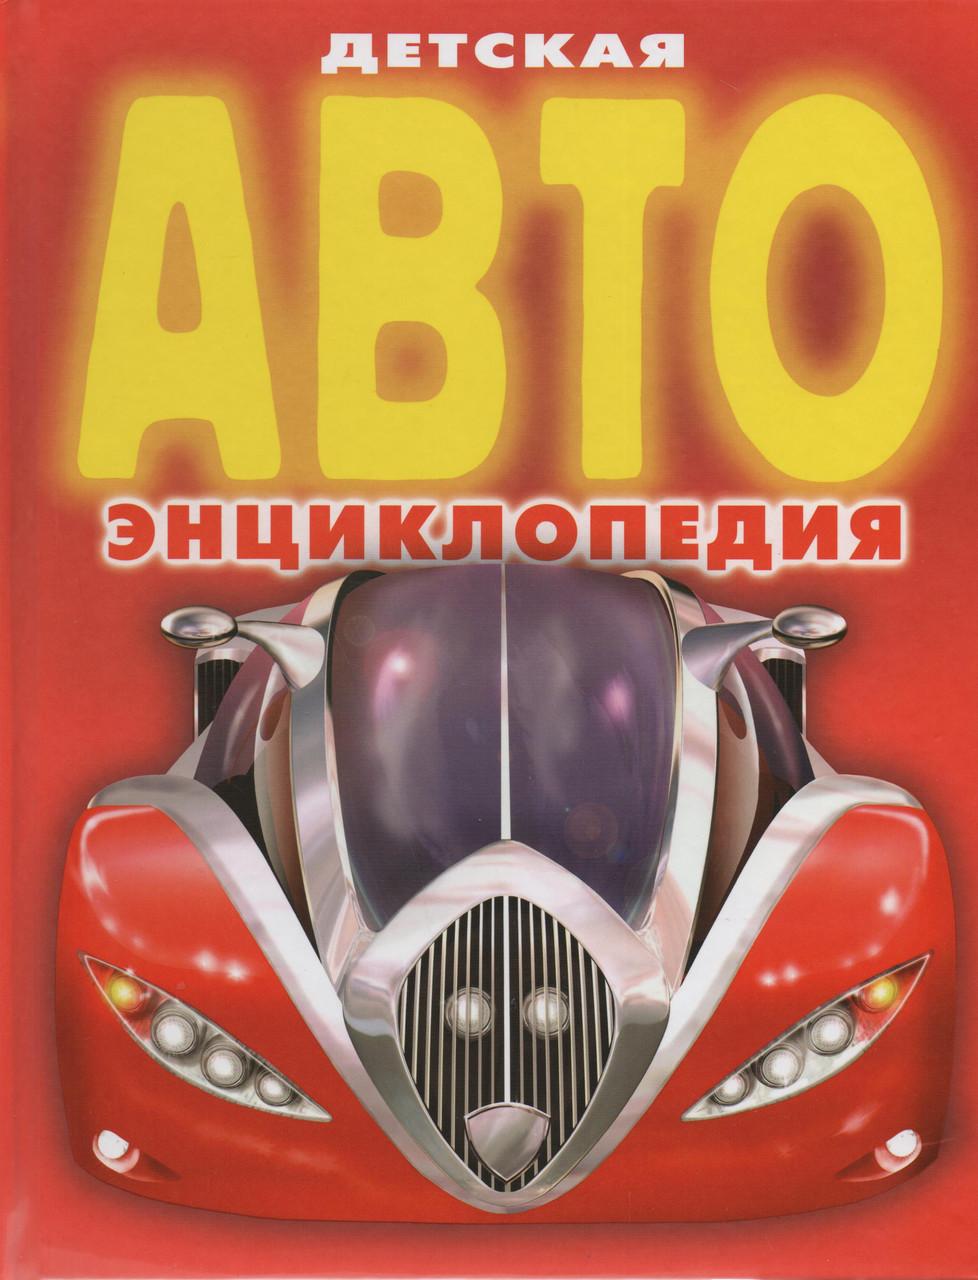 Дитяча АВТОэнциклопедия. А. В. Данилов